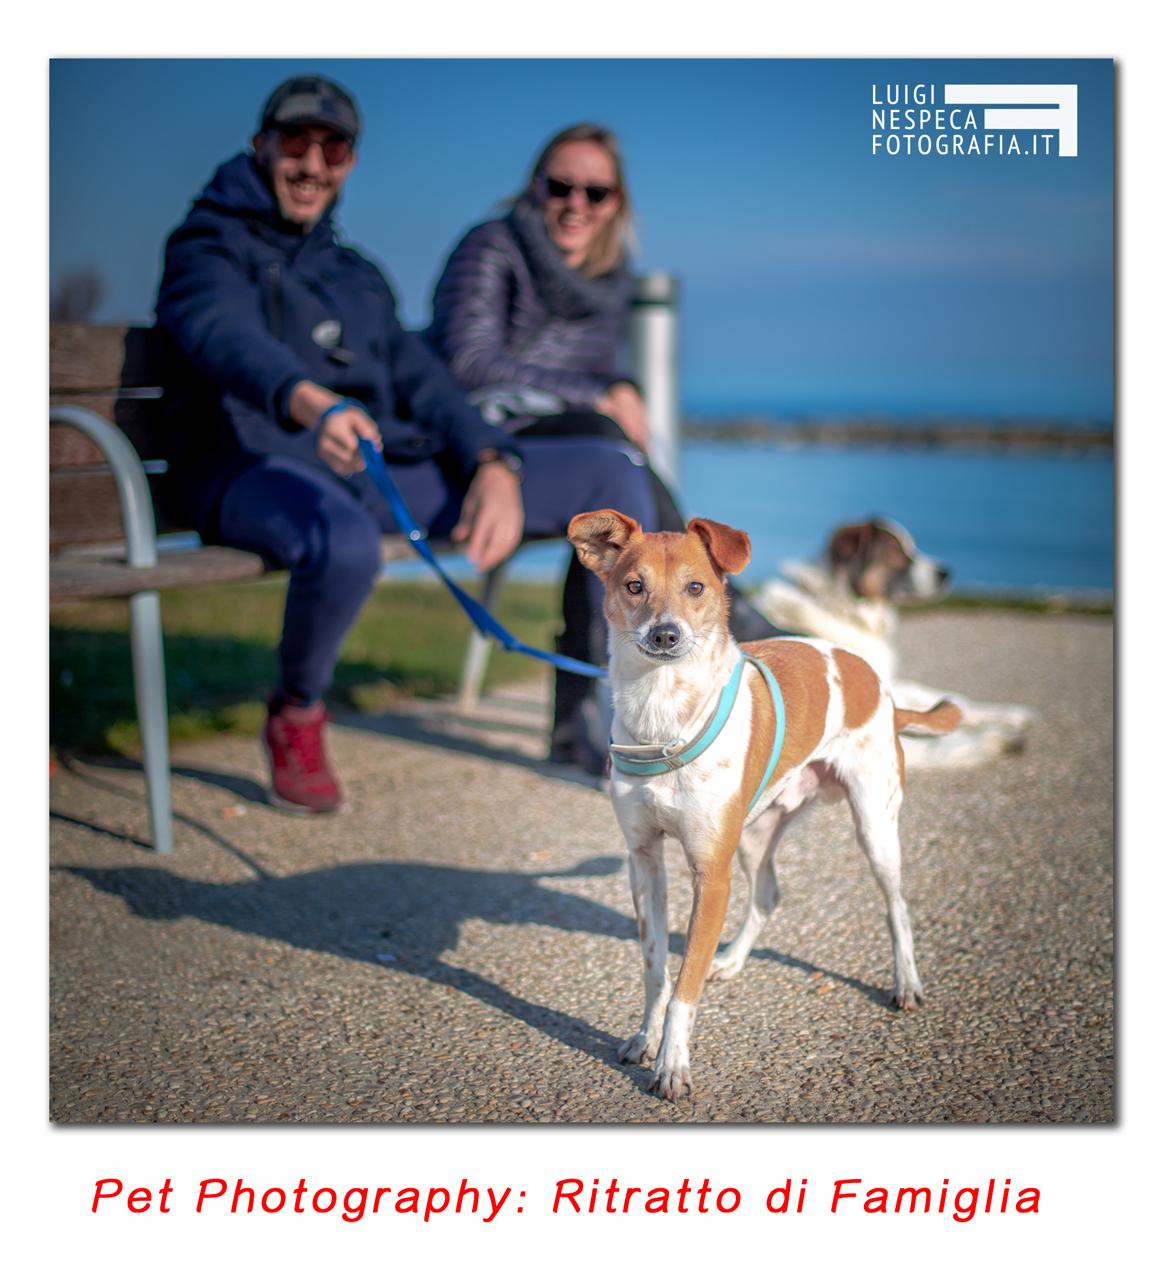 Pet Photography: un ritratto di Famiglia